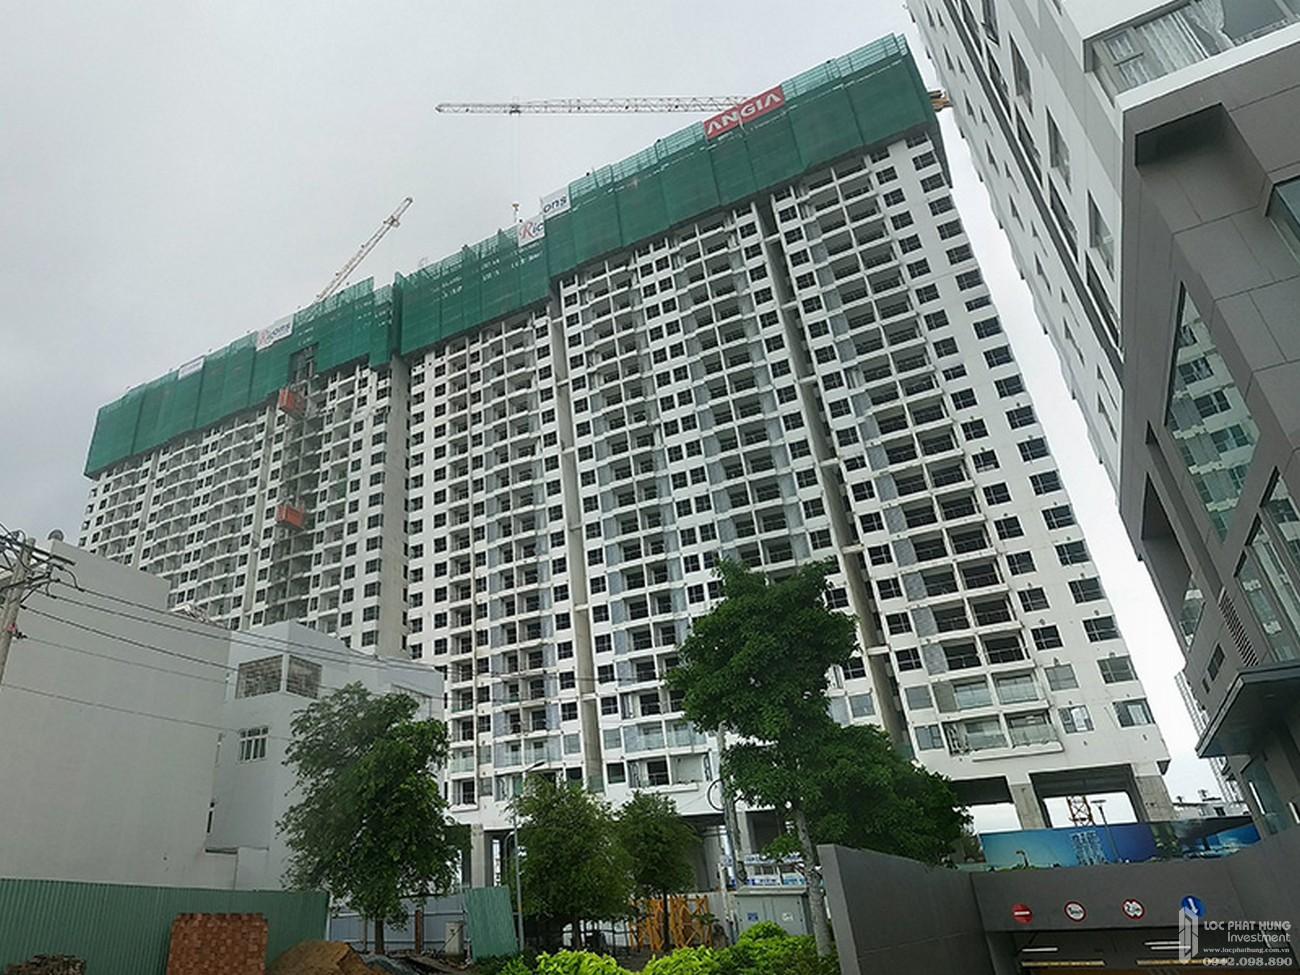 Tiến độ River Panorama dự án căn hộ chung cư Quận 7 tháng 09/2019 Đường Hoàng Quốc Việt chủ đầu tư An Gia Investment